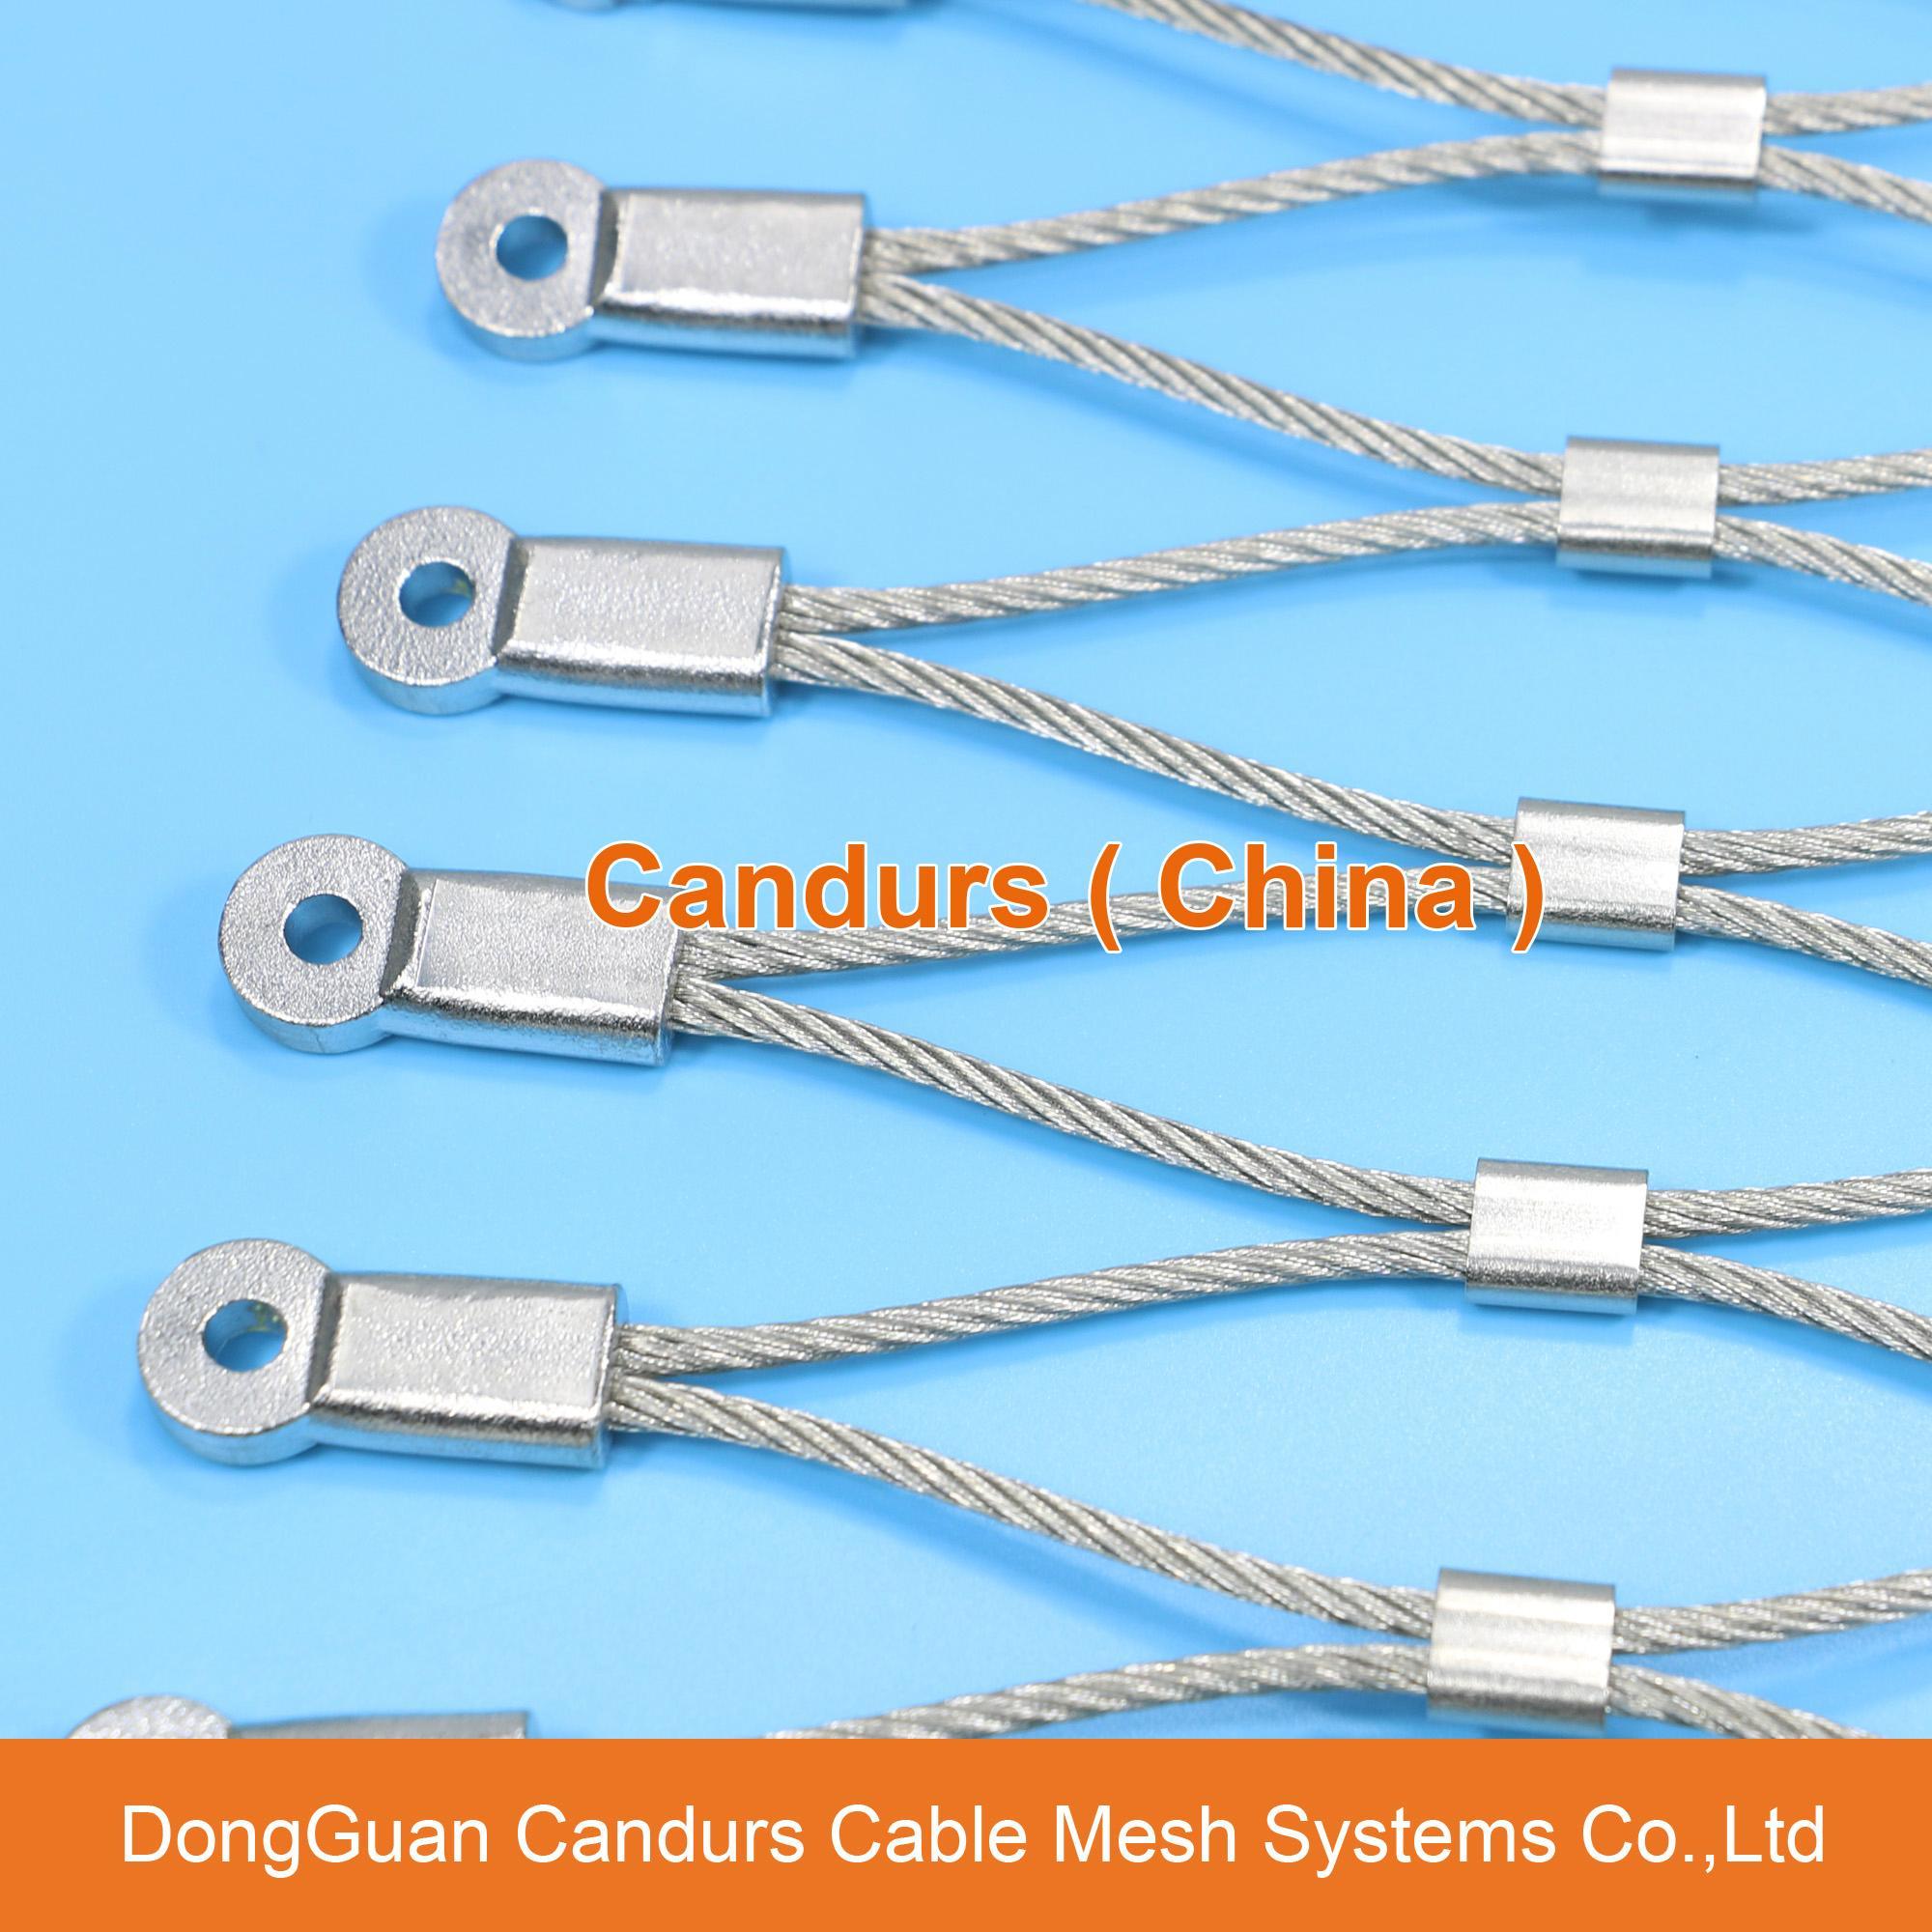 昌達不鏽鋼絲繩網——美標316不鏽鋼繩網 20